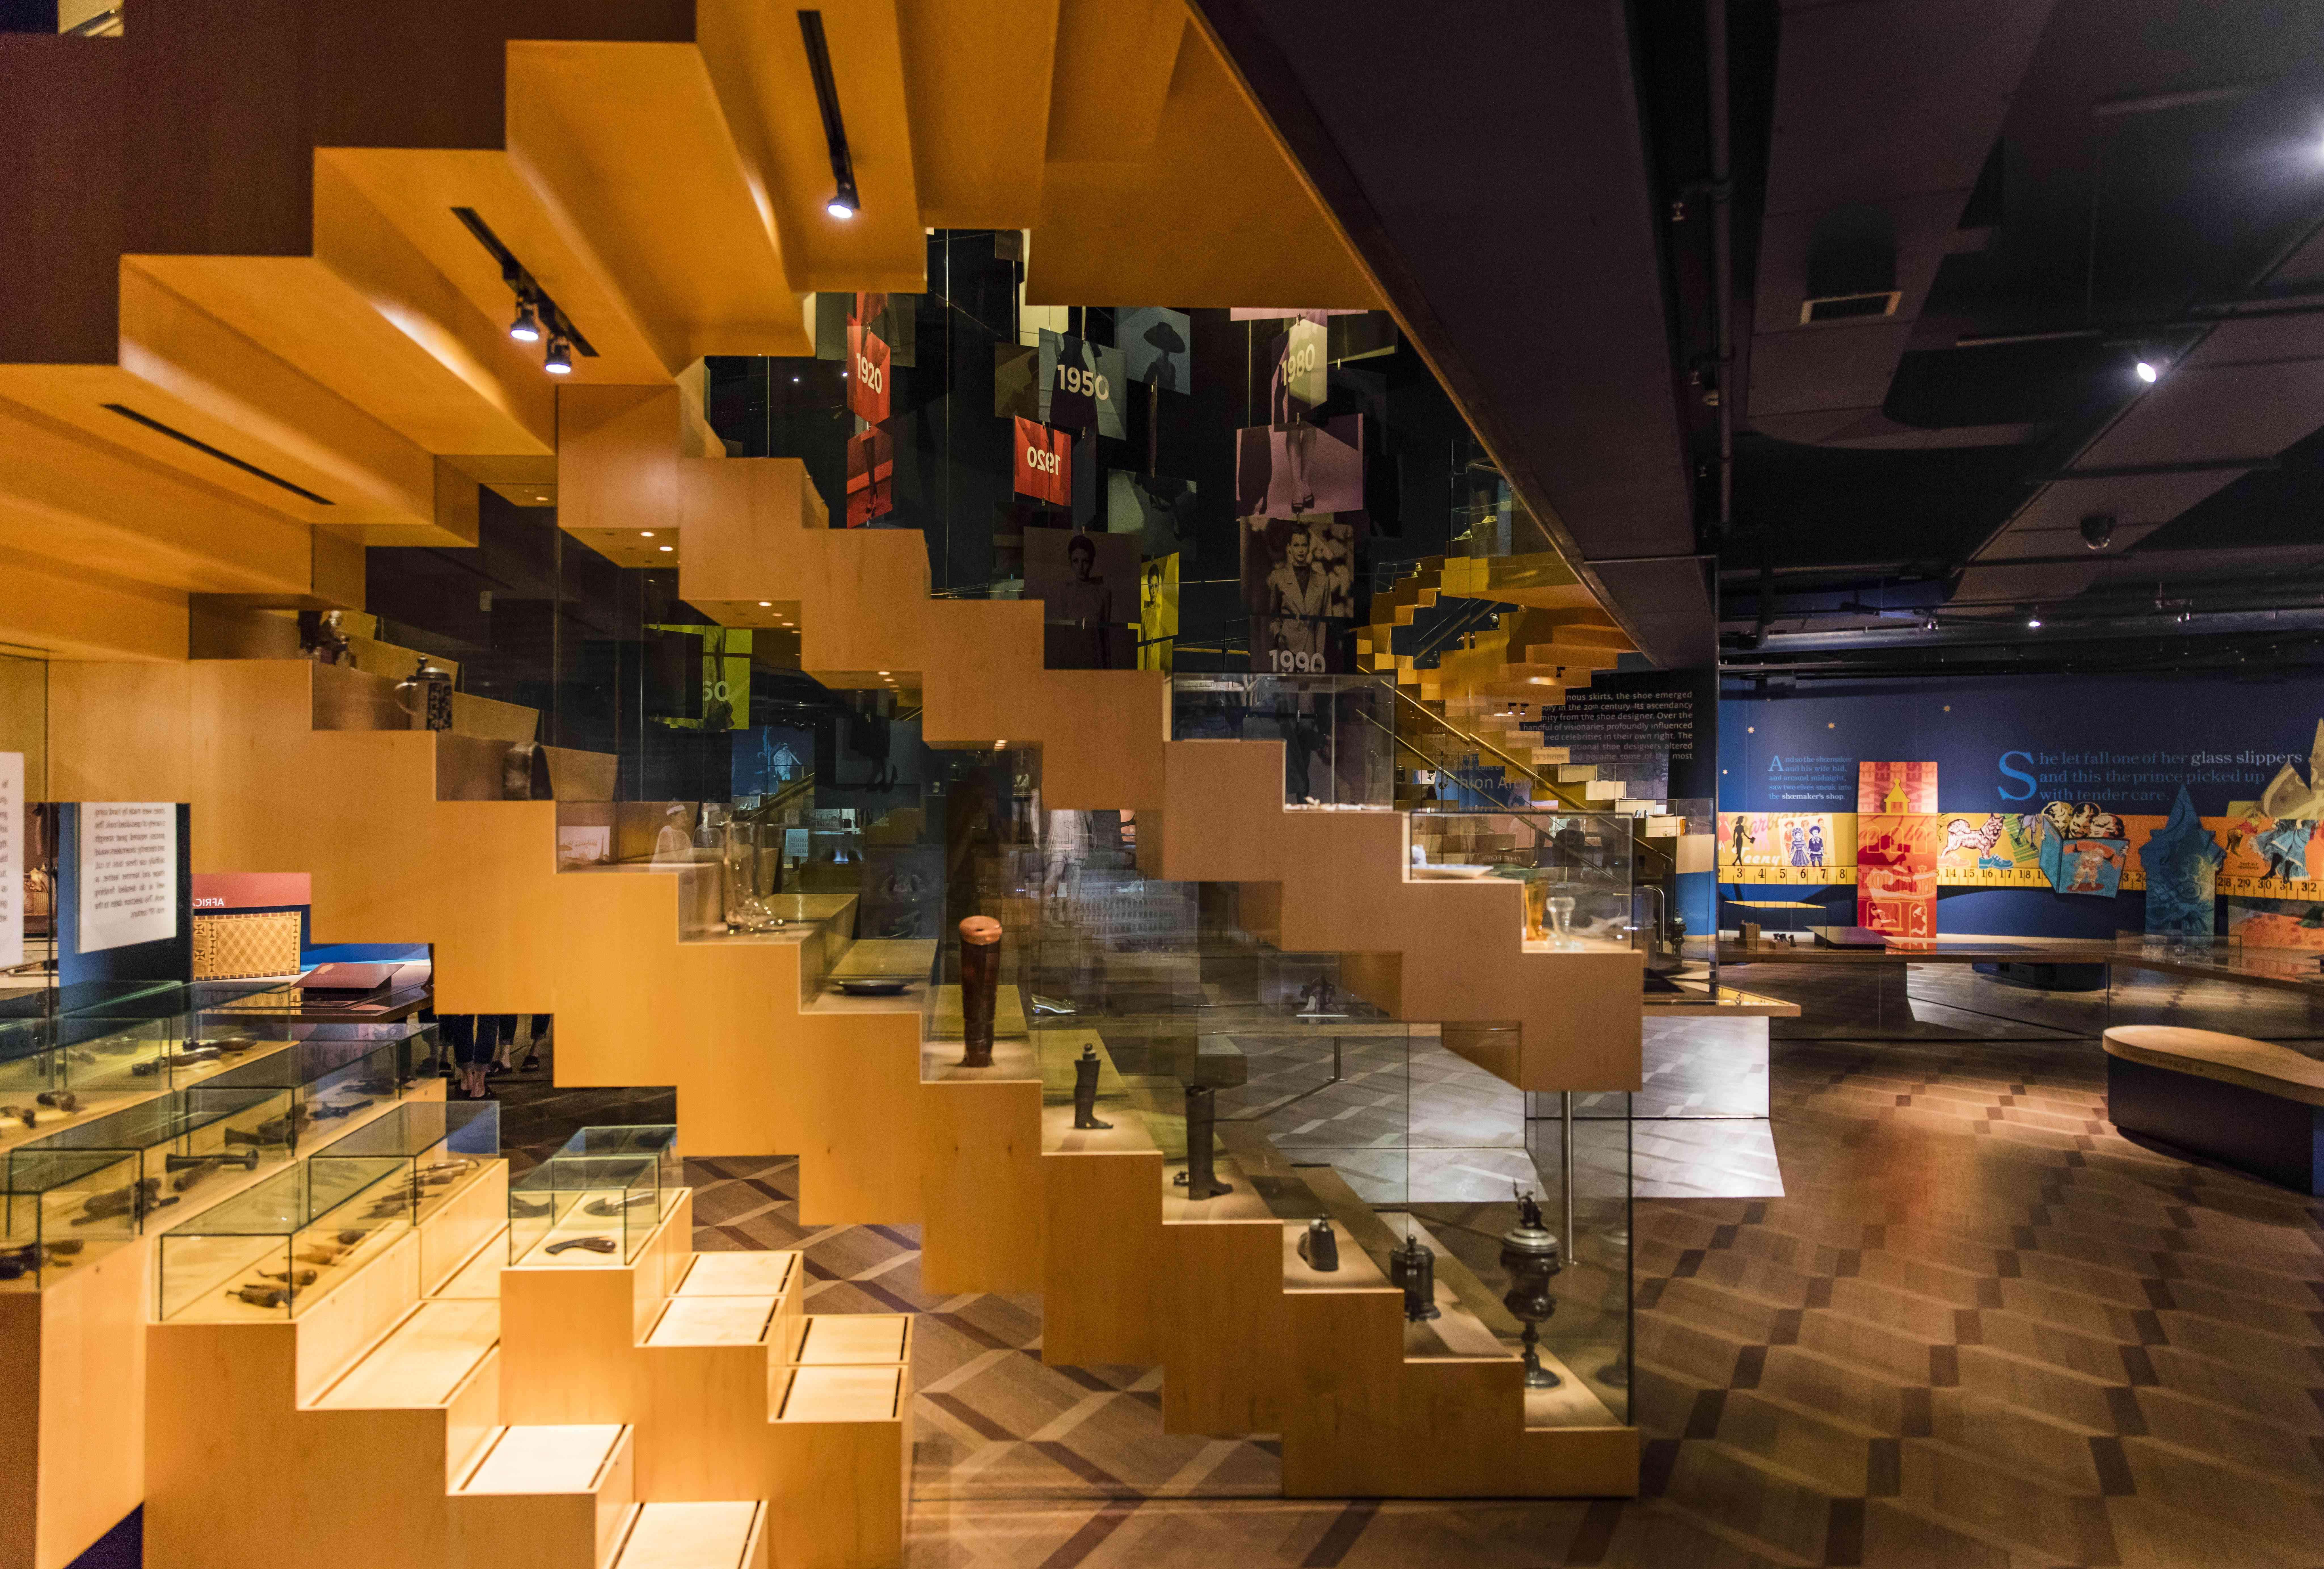 Bata Museum in Toronto